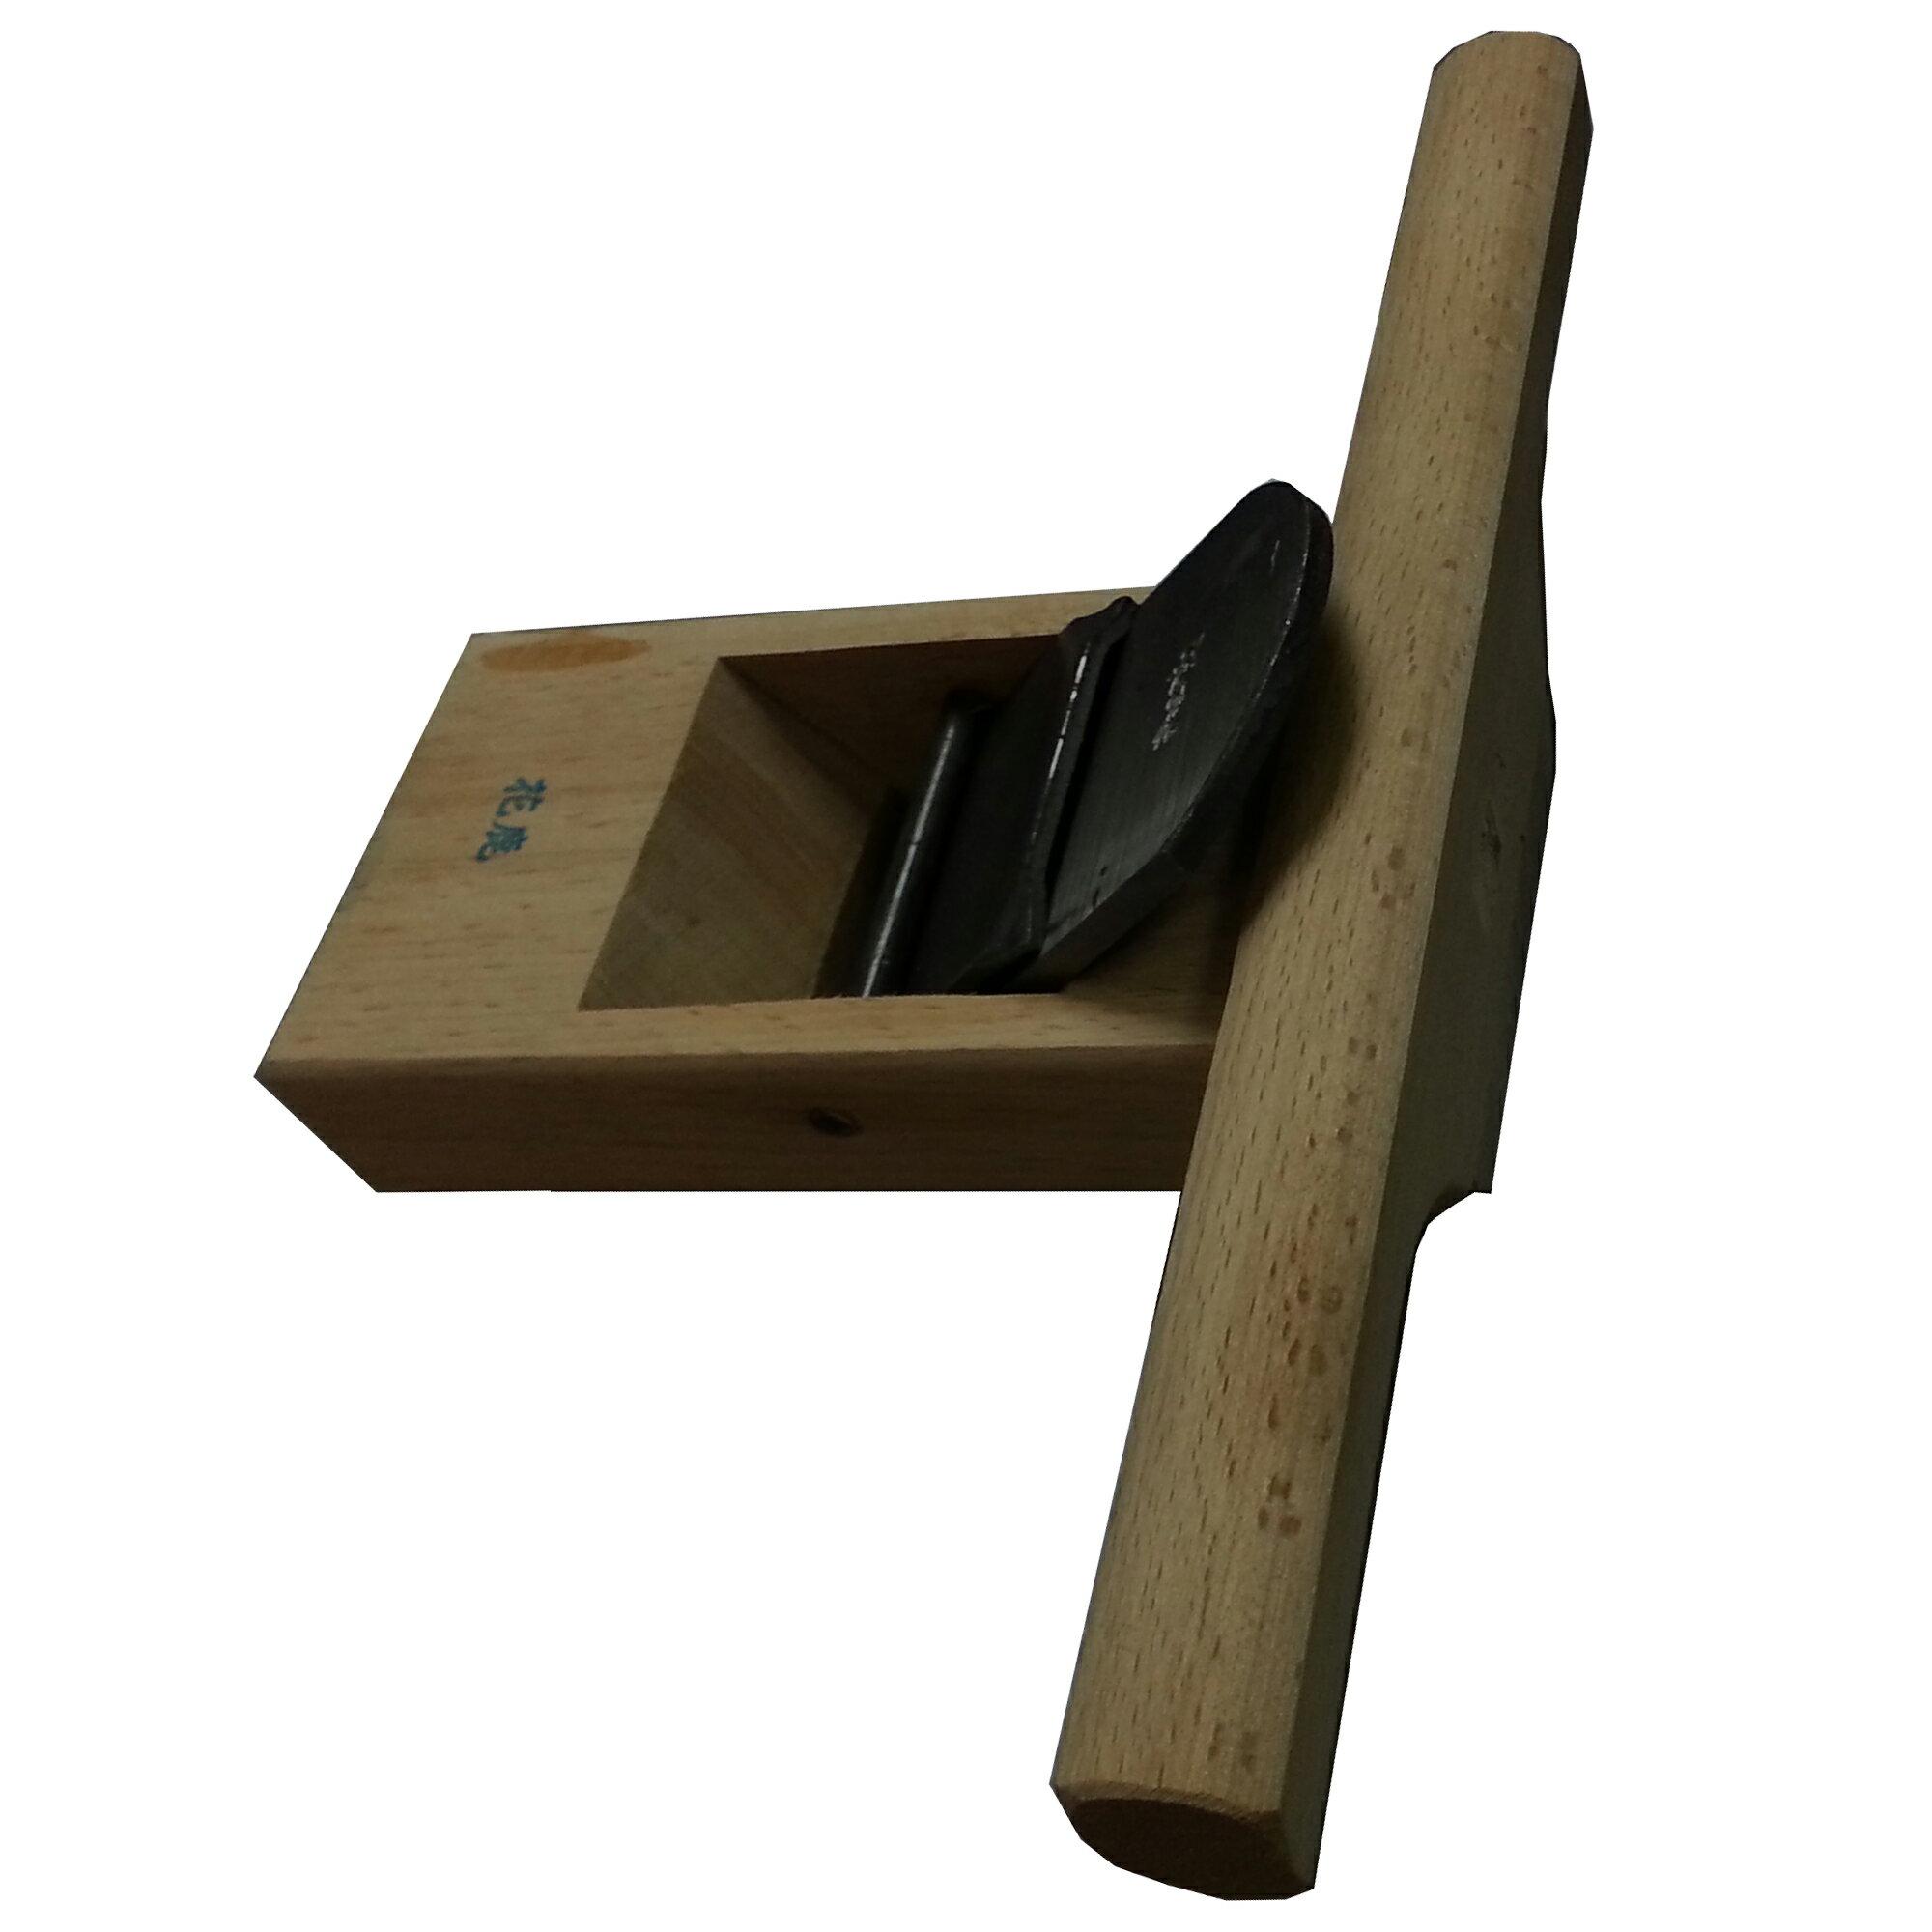 方鉋刀 8寸 寸八 短鉋刀 手刨刀 木工鉋 賊鉋 約15x24x7cm N8010545